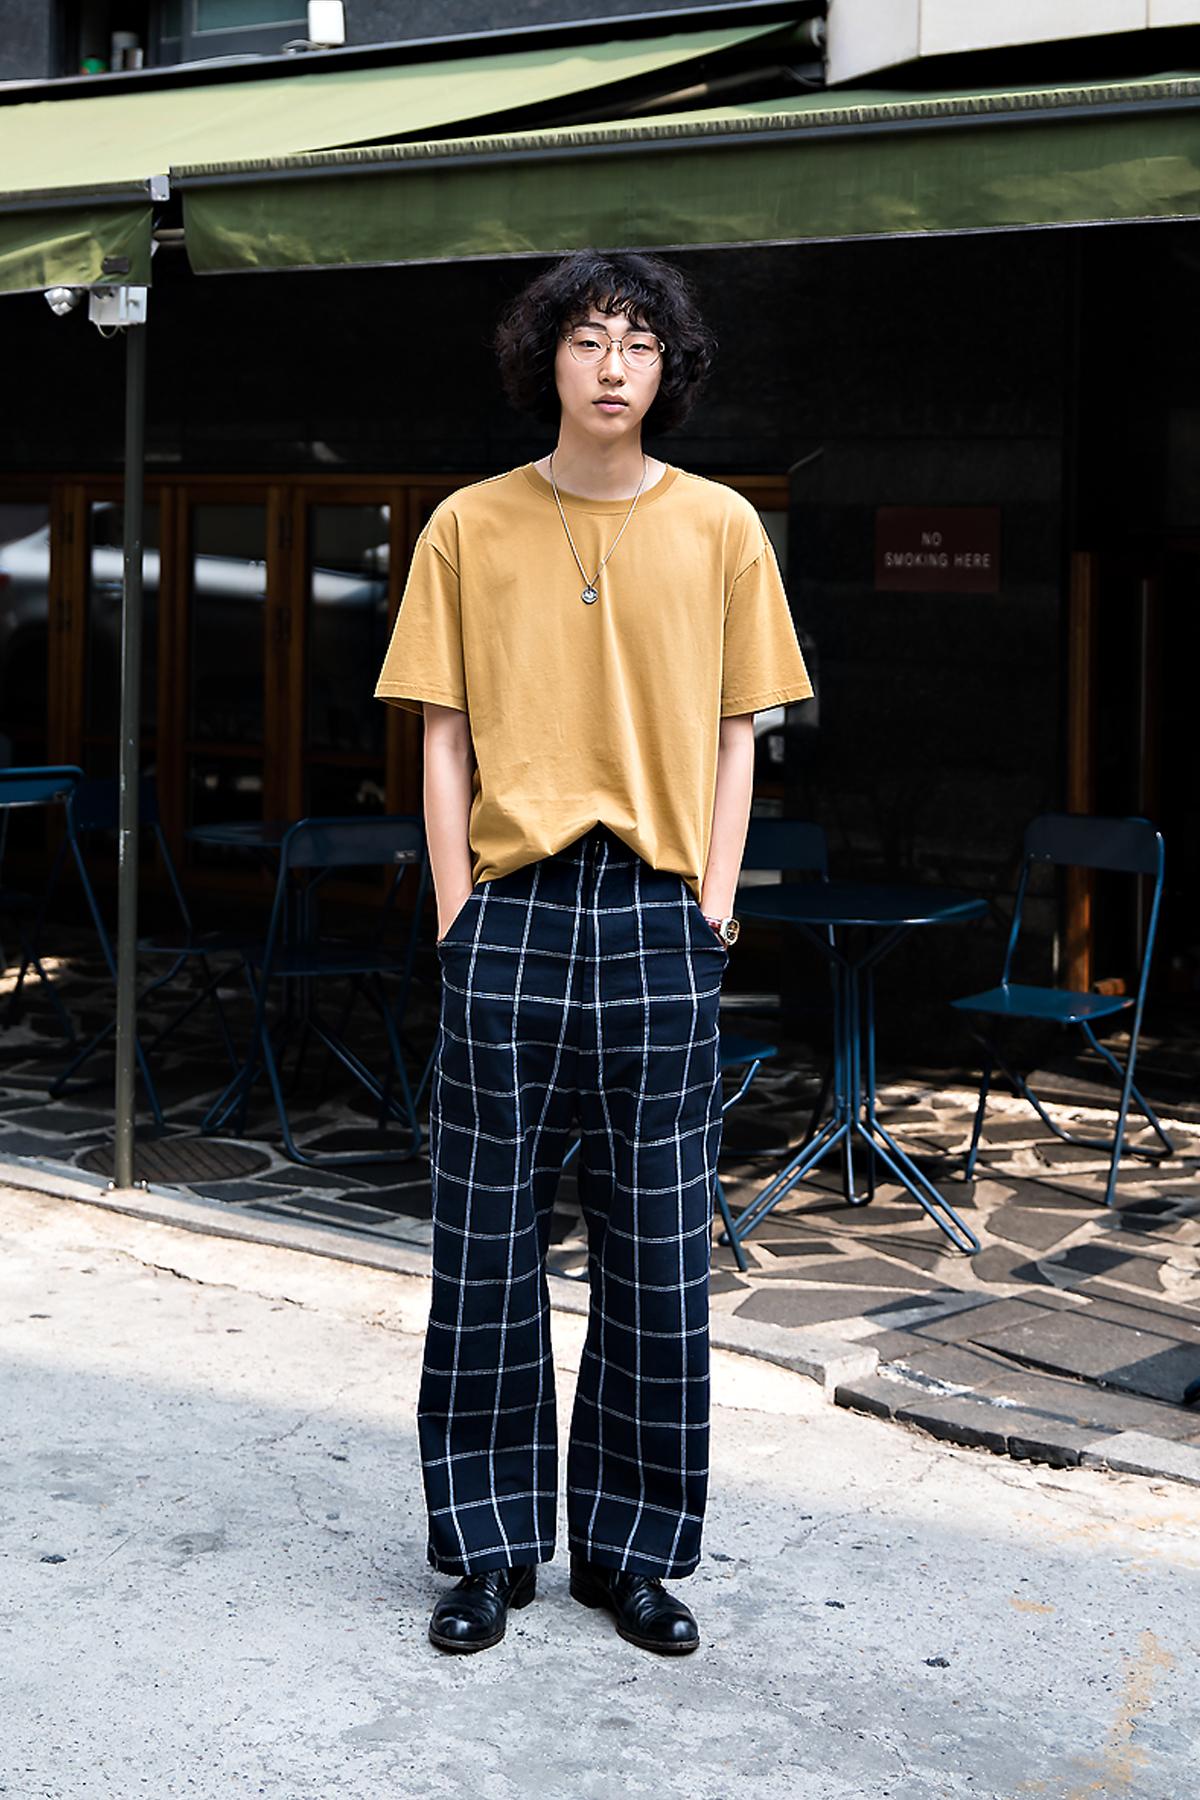 Im Dongryul, Street Fashion 2017 in Seoul.jpg